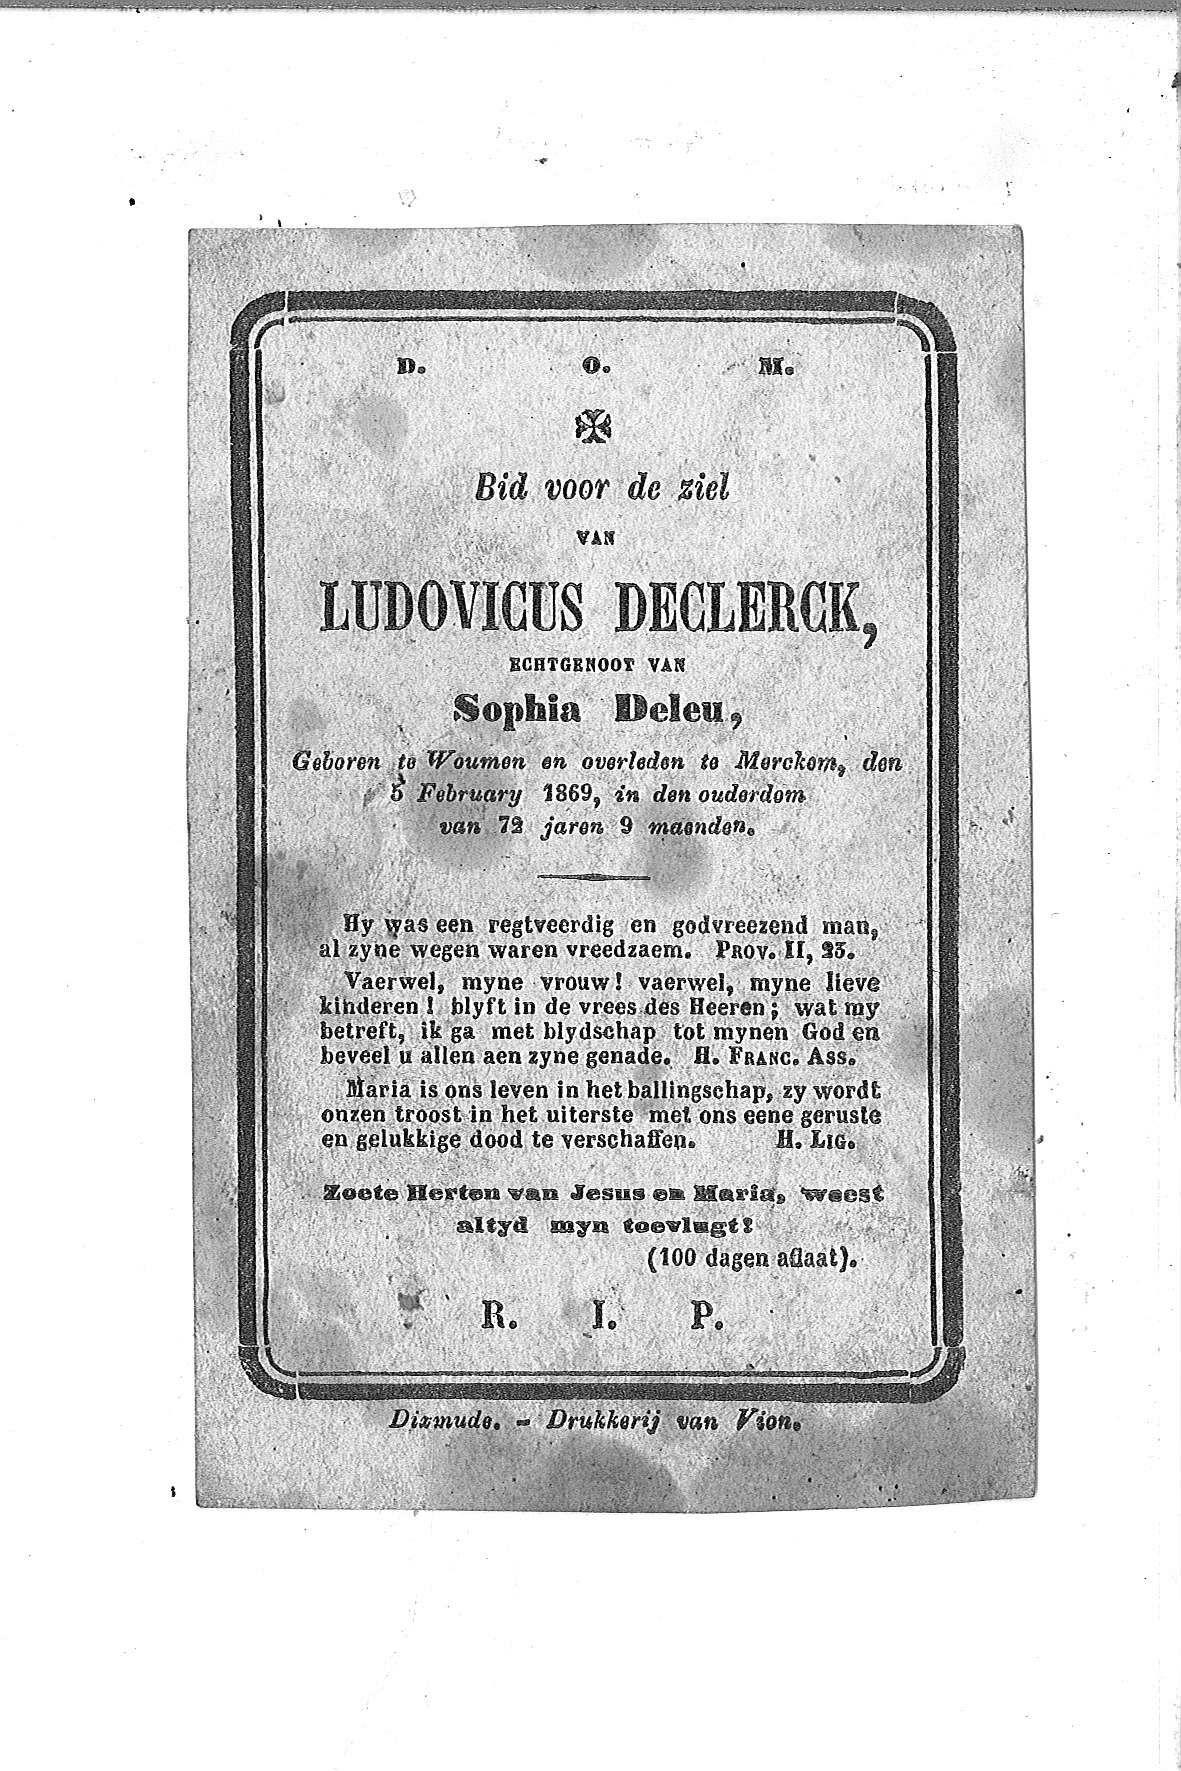 ludovicus(1869)20120906084901_00005.jpg